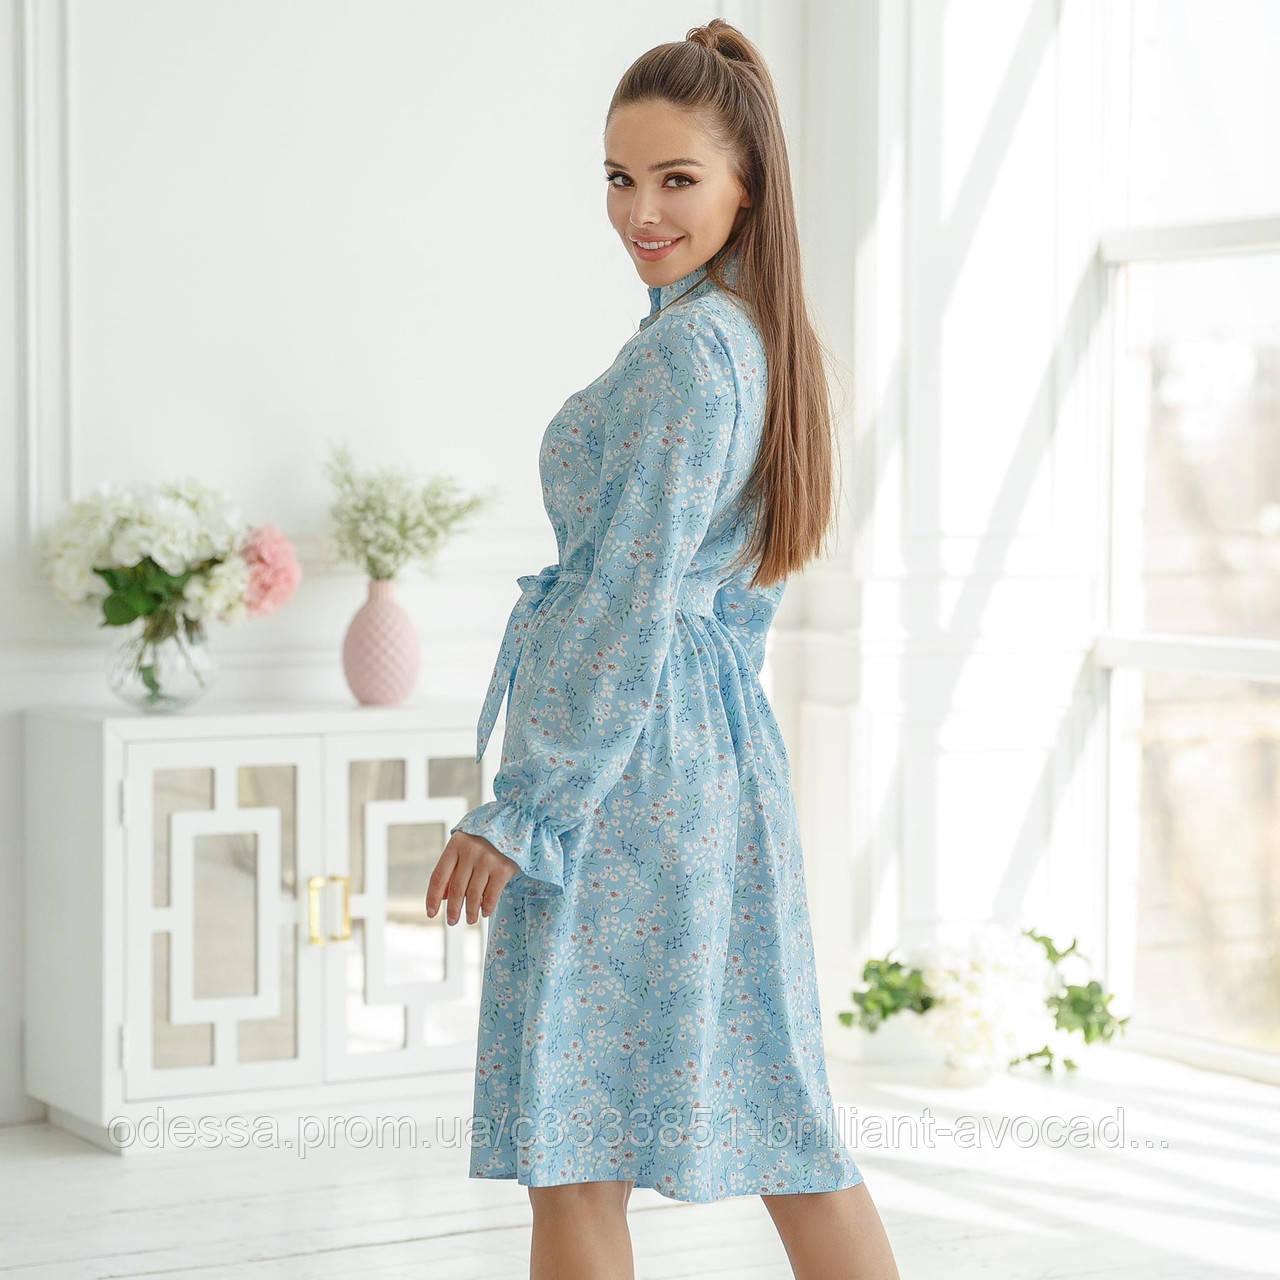 Летнее платье с жемчужными пуговками